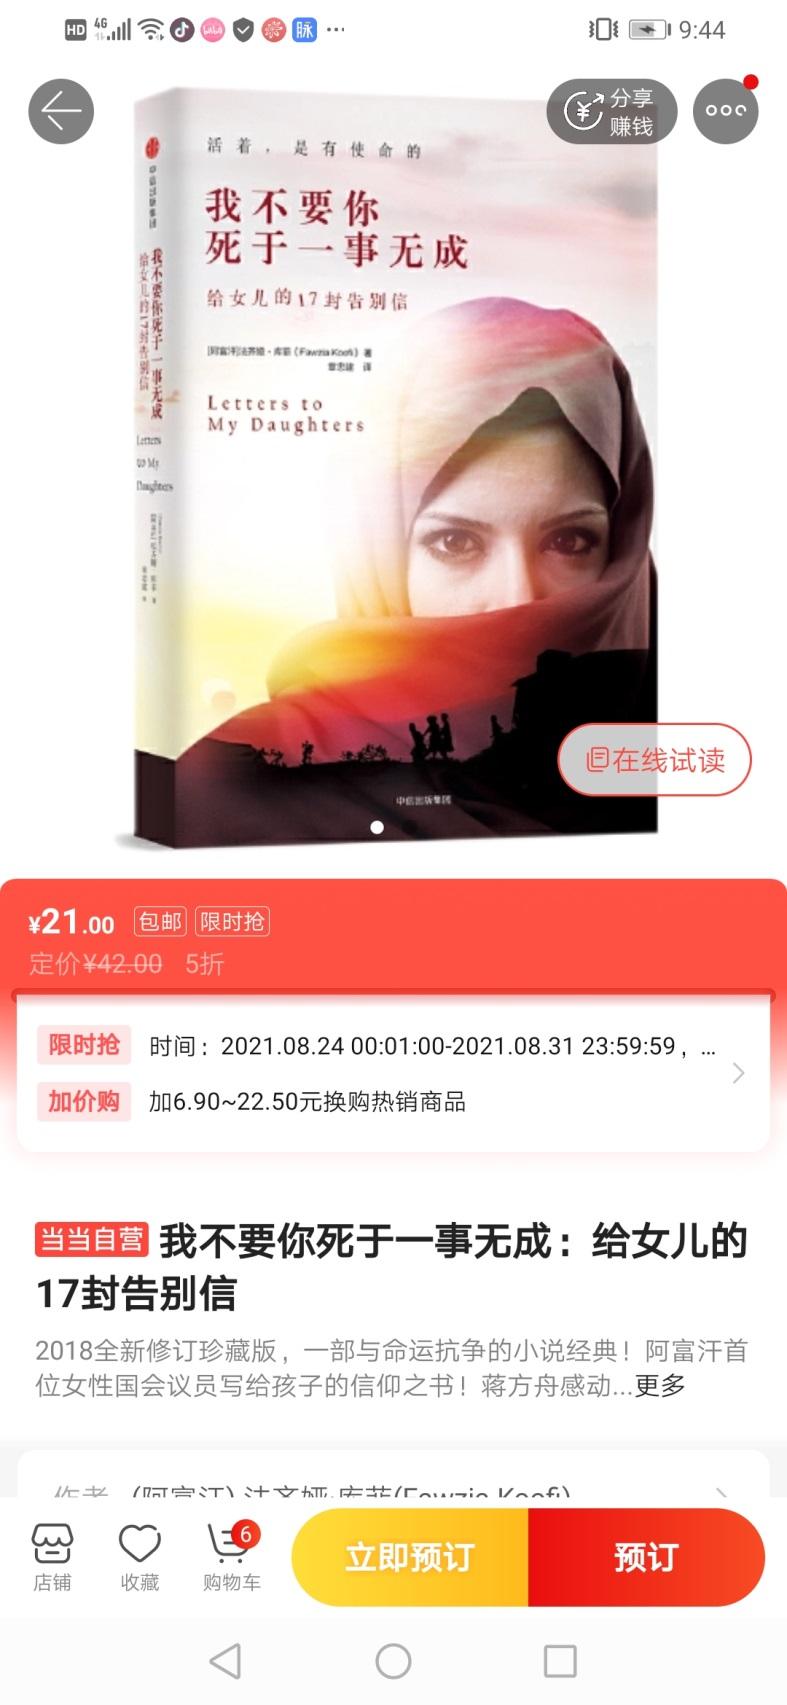 """阿富汗局势""""溢出效应""""影响图书销售 当当多个图书售罄-出版人杂志官网"""